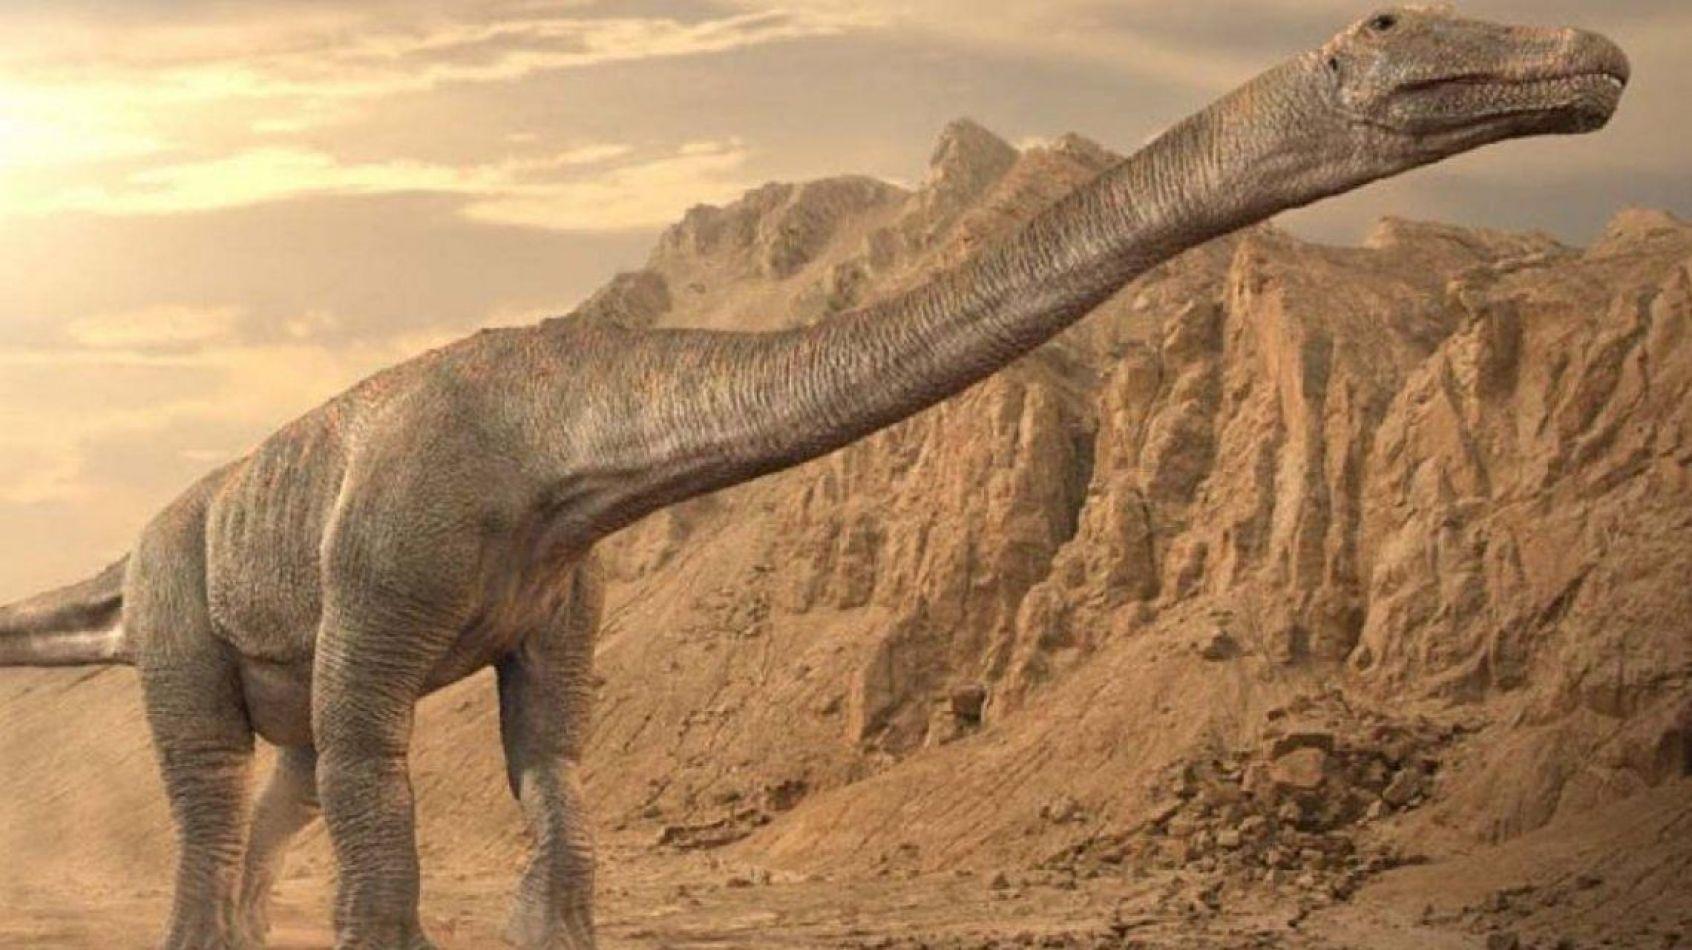 Un dinosaurio encontrado en Argentina sería el más grande de la historia